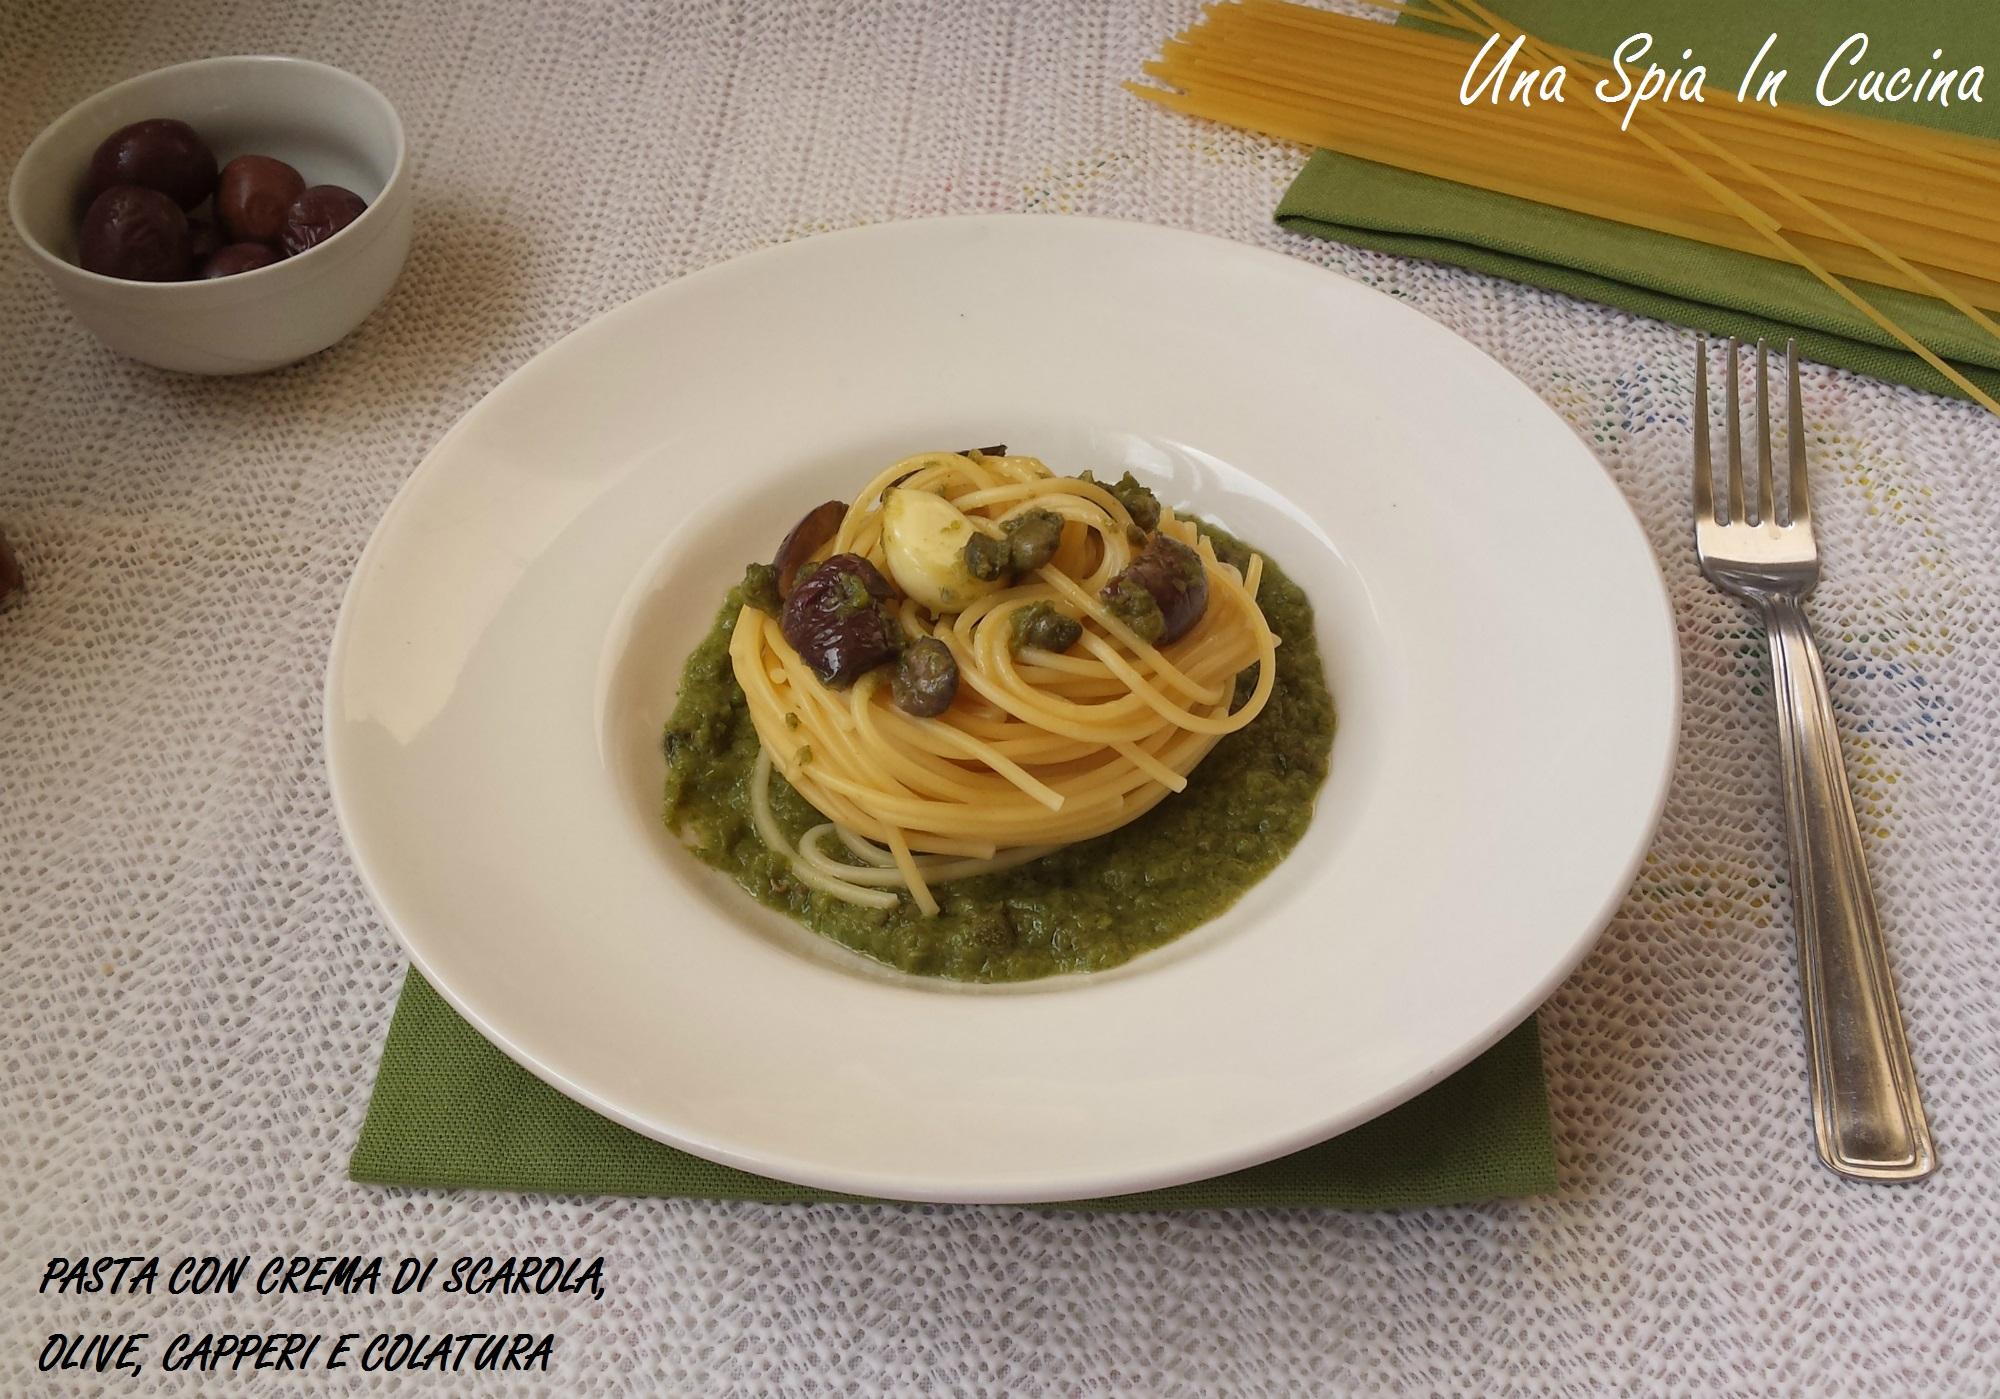 Pasta con crema di scarola, olive, capperi e colatura